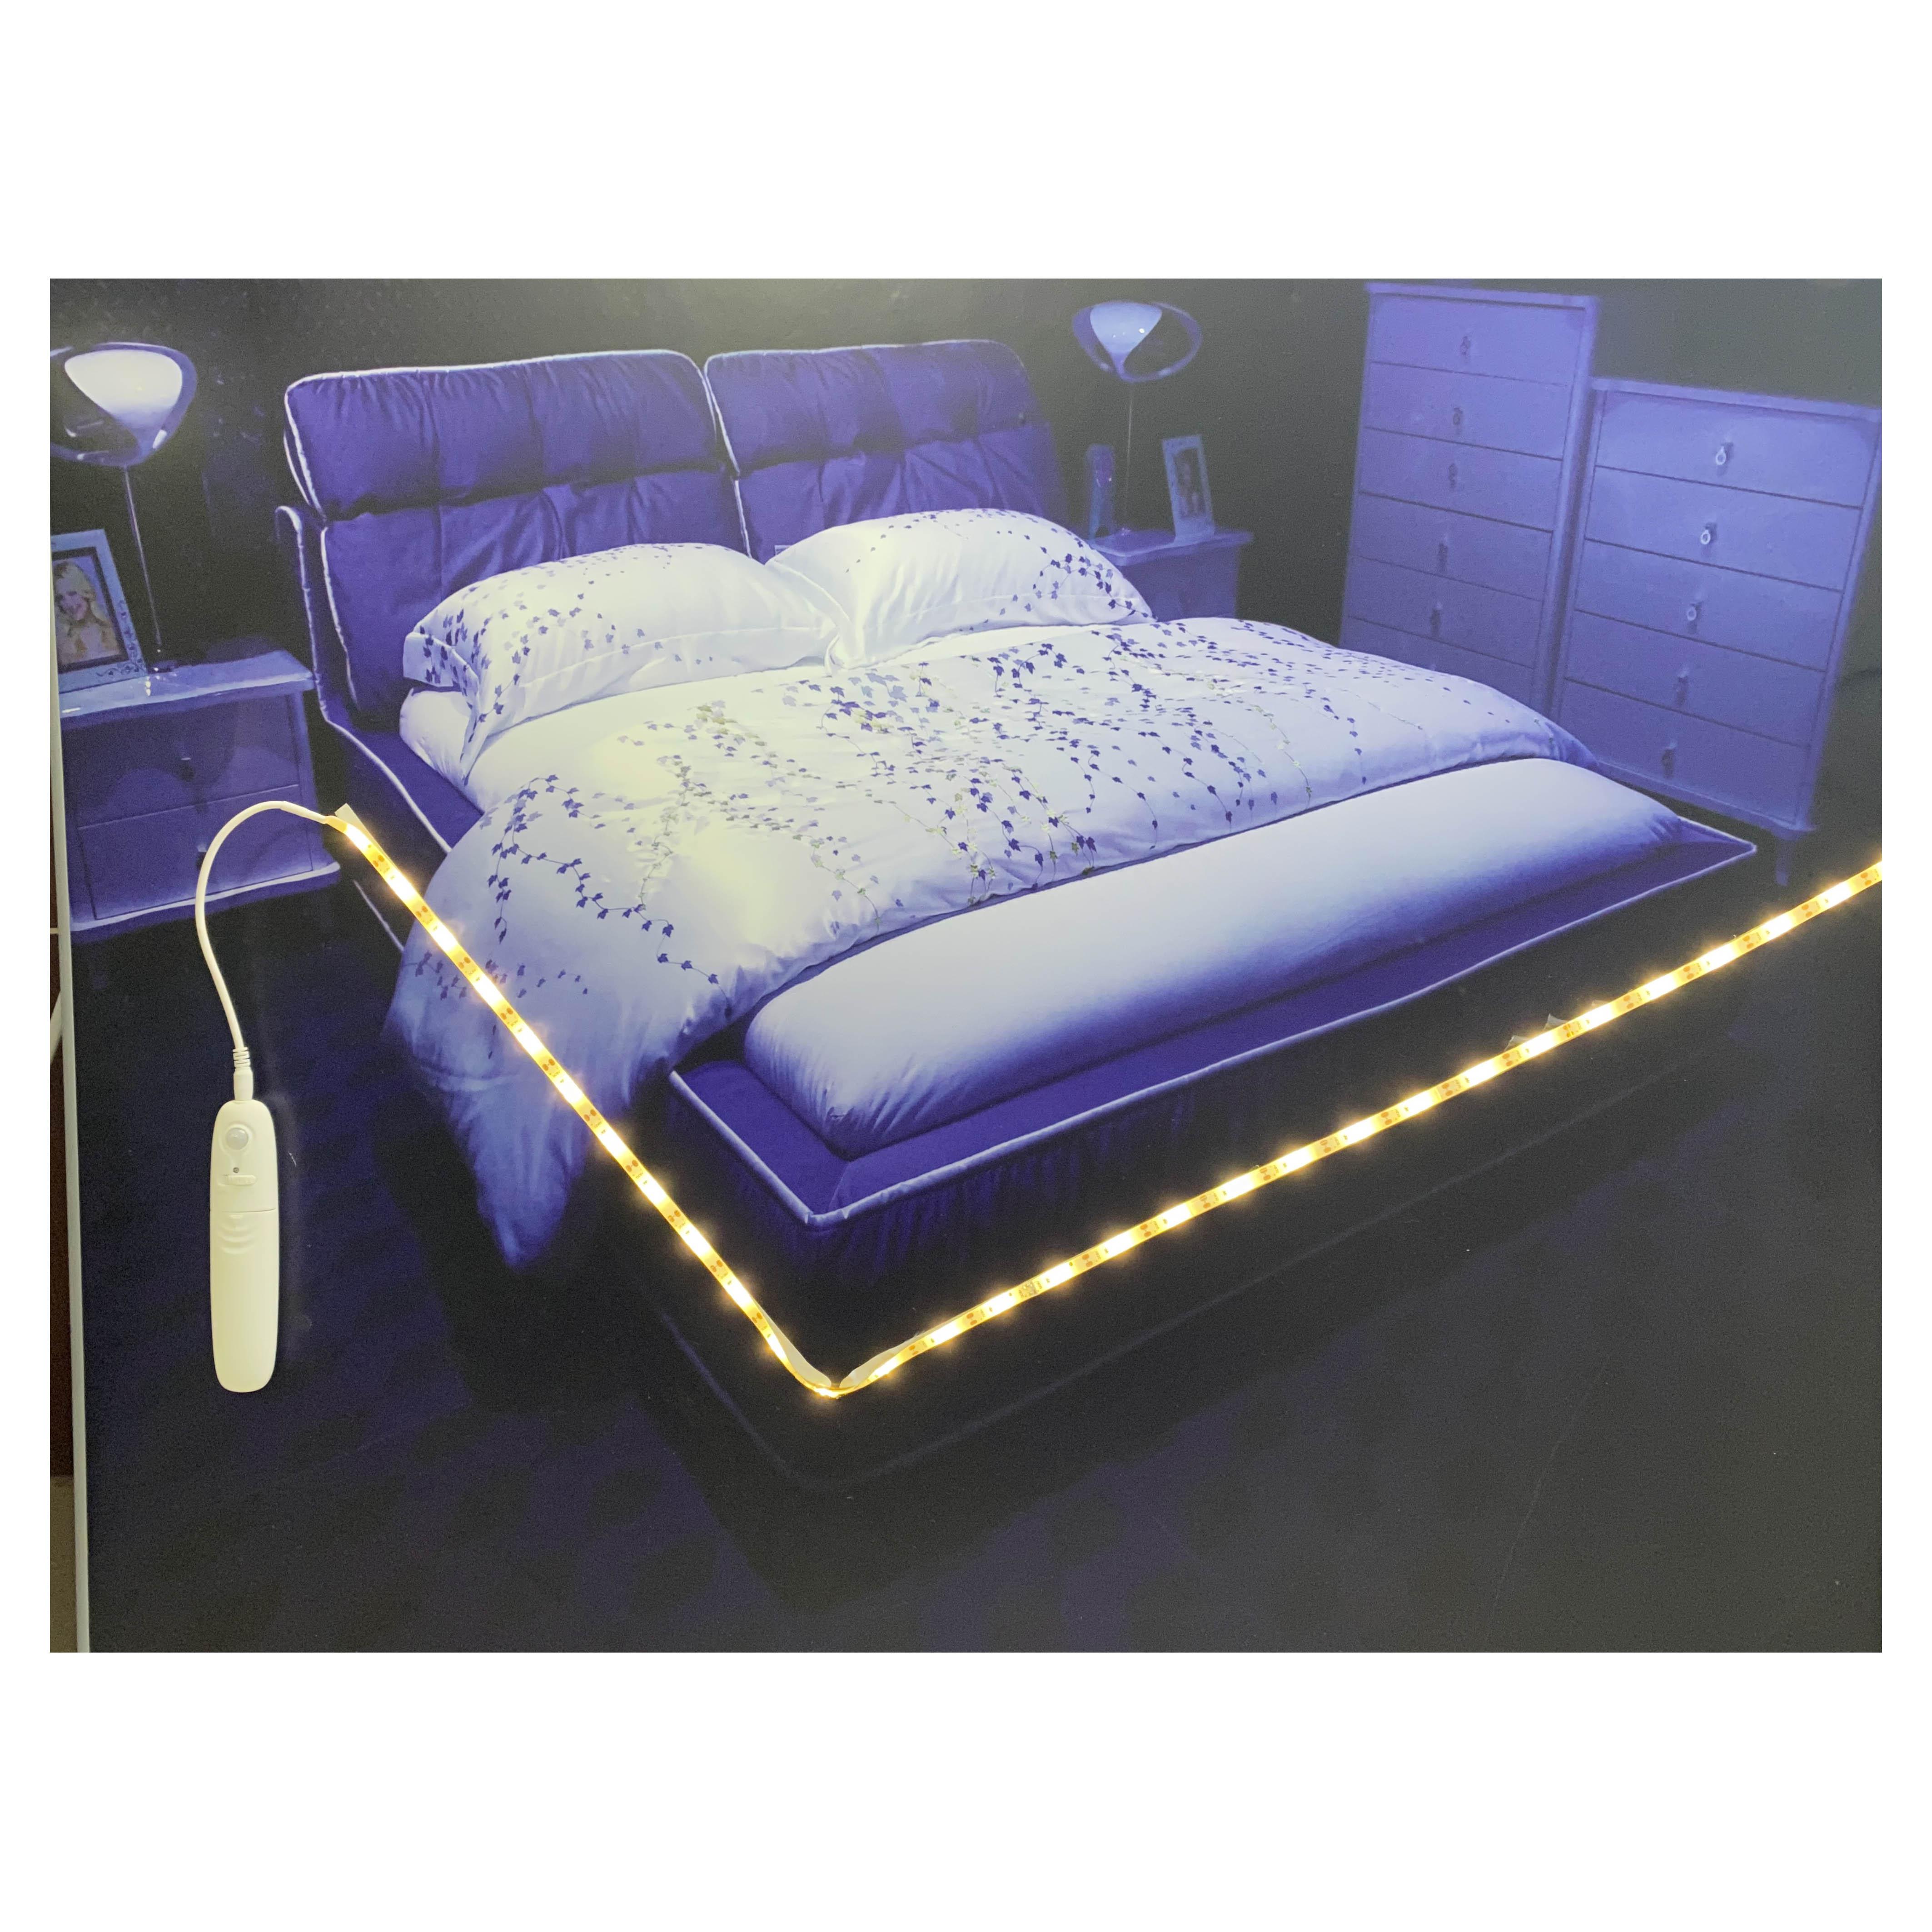 LED FAIRY LIGHTS WITH MOTION SENSOR led strip light for Bedroom Cabinet